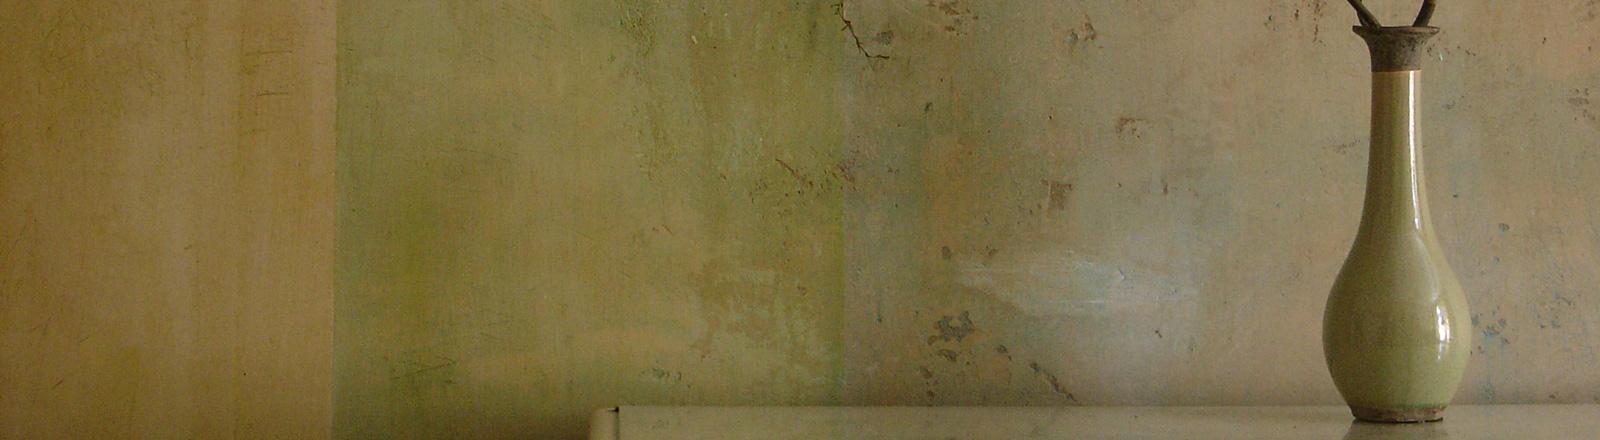 Eine Vase steht auf einer Anrichte vor einer Wand in einer Altbauwohnung.